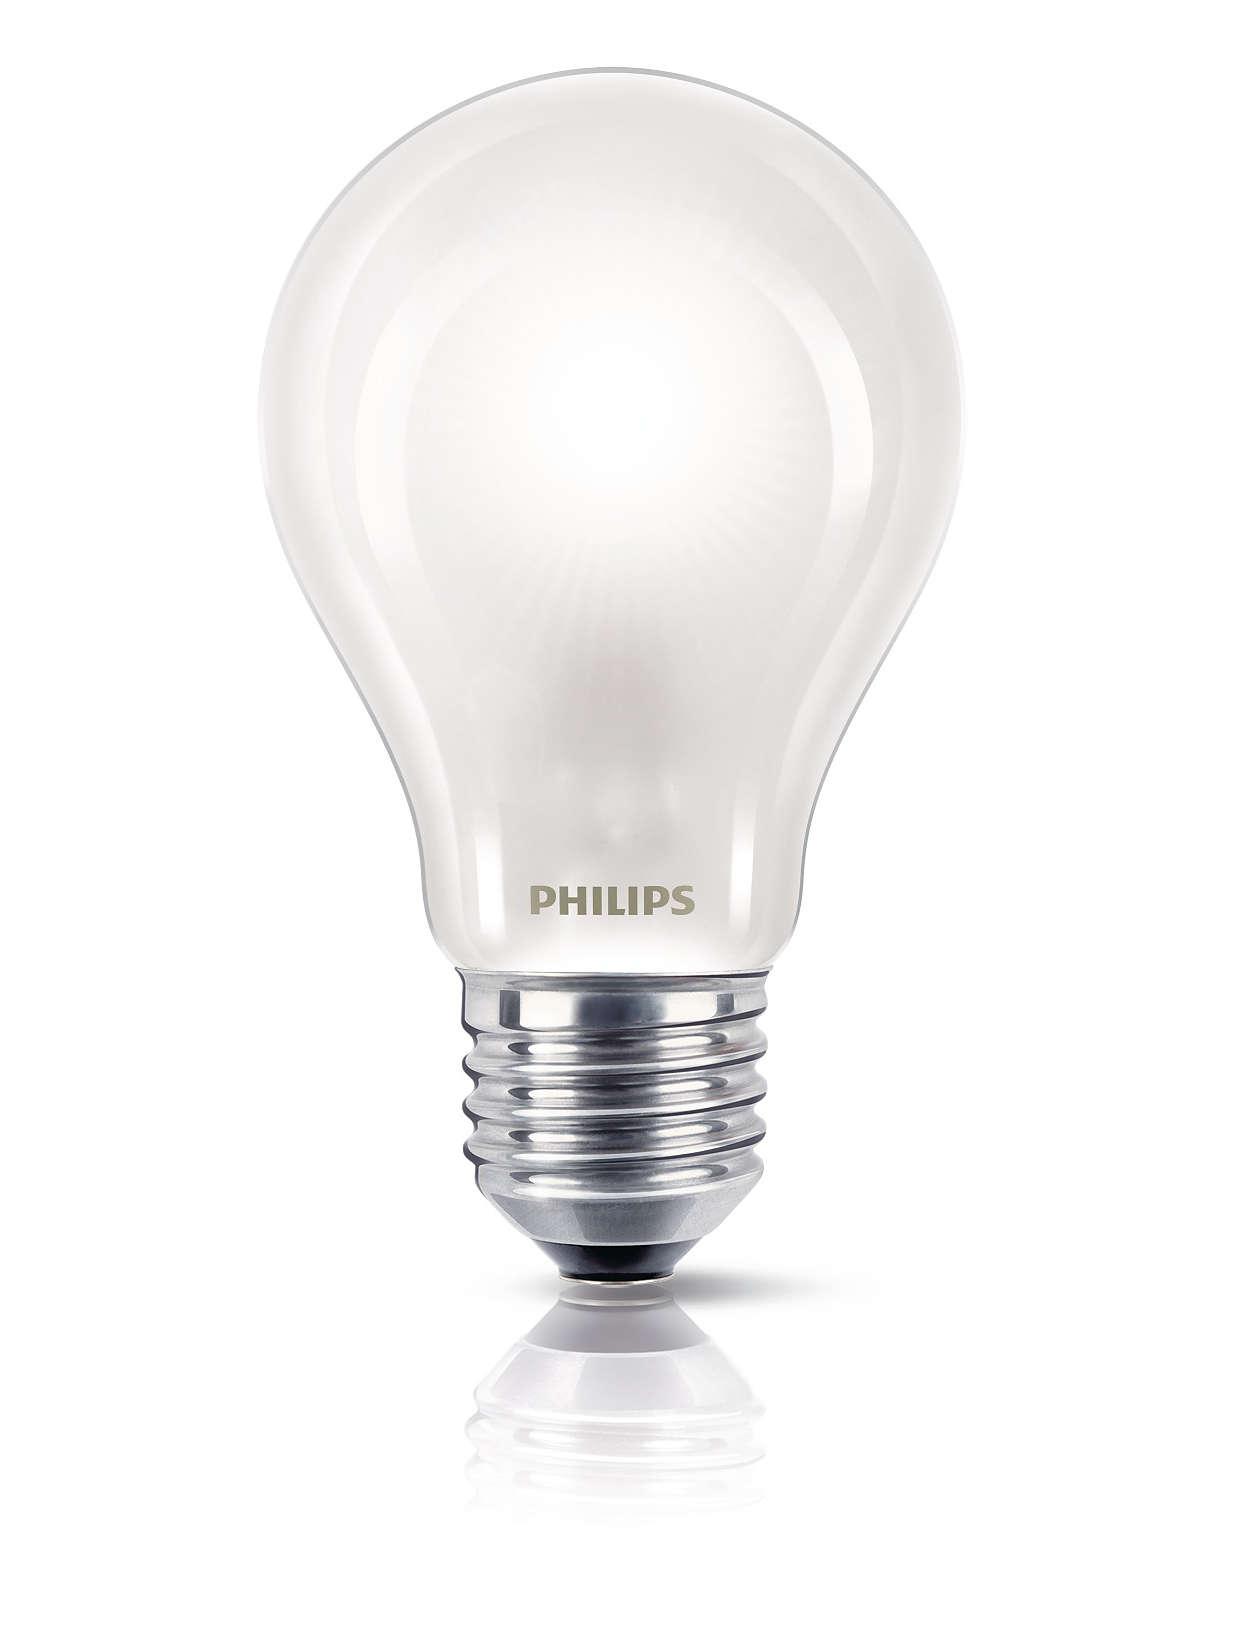 Новая лампа классической формы